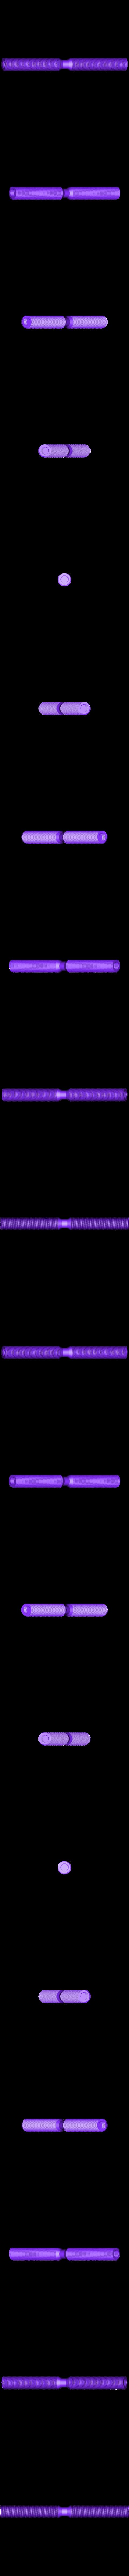 threadTwoEndCapDifficultPrint.stl Télécharger fichier STL gratuit Oldie Vice • Design pour impression 3D, AnsonB